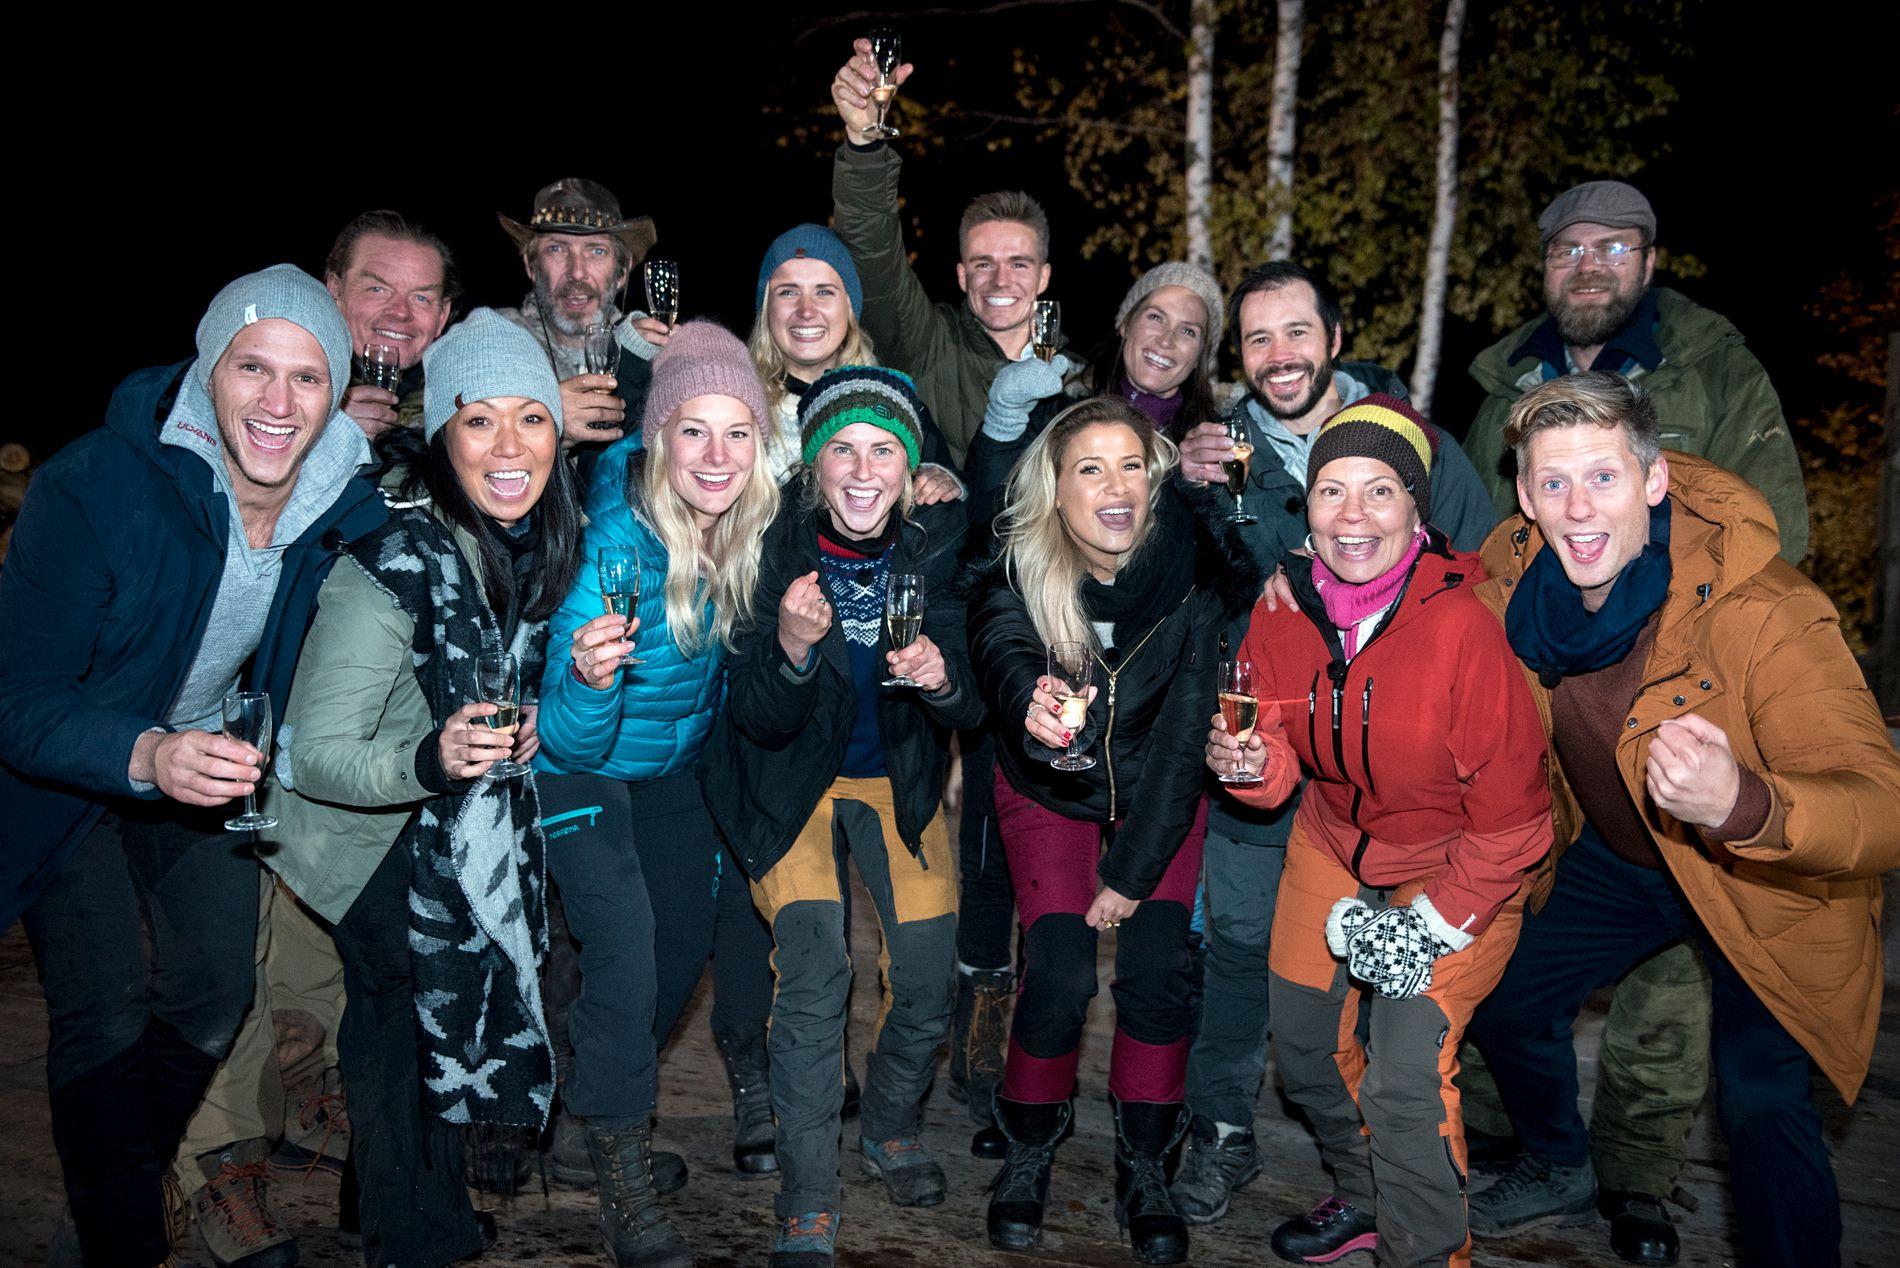 UTEBLE: Kjetil Nørstebø nektet å delta i scenene der deltagerne feirer «Farmen»-vinneren. Dette fordi han mener Tone jukset seg til seier.